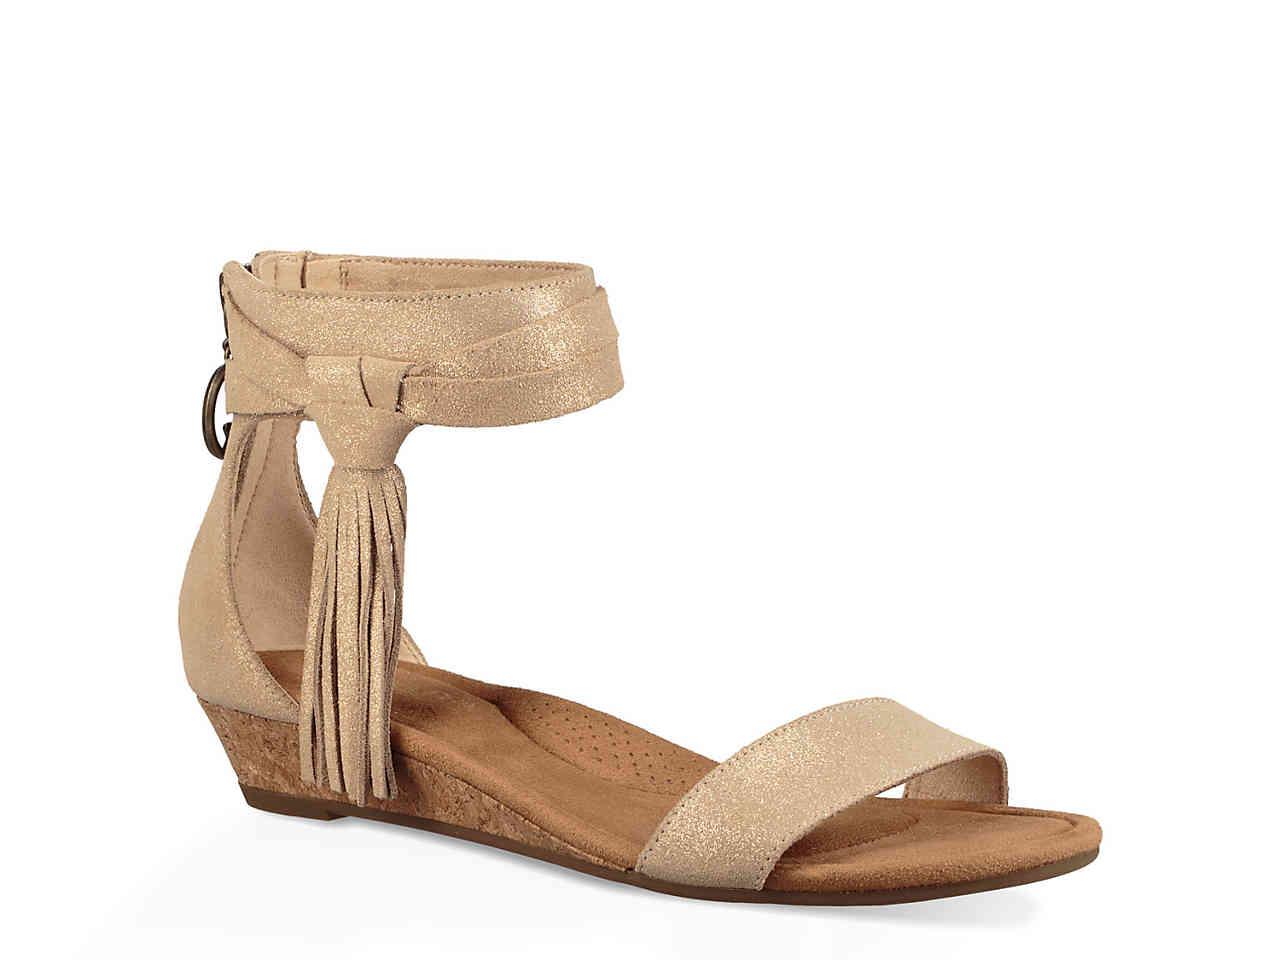 Koolaburra by ugg saige wedge sandal